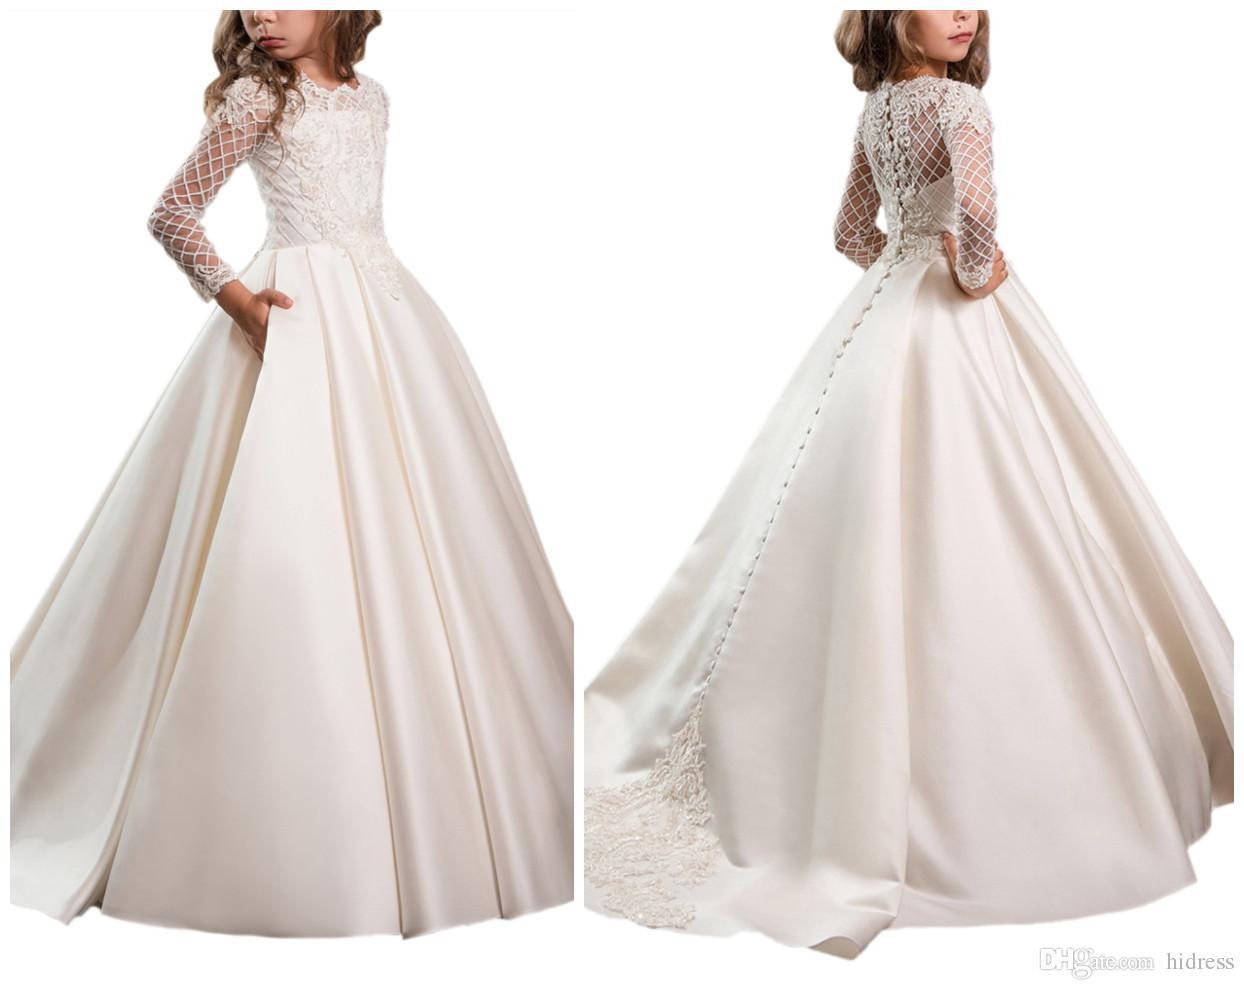 Acheter Princesse Blanche Satin Fleur Fille Robes 2018 Nouveau Sheer  Manches Longues Première Communion Fête D anniversaire Robes Filles Pageant Robe  Pour ... 934f4ff51813